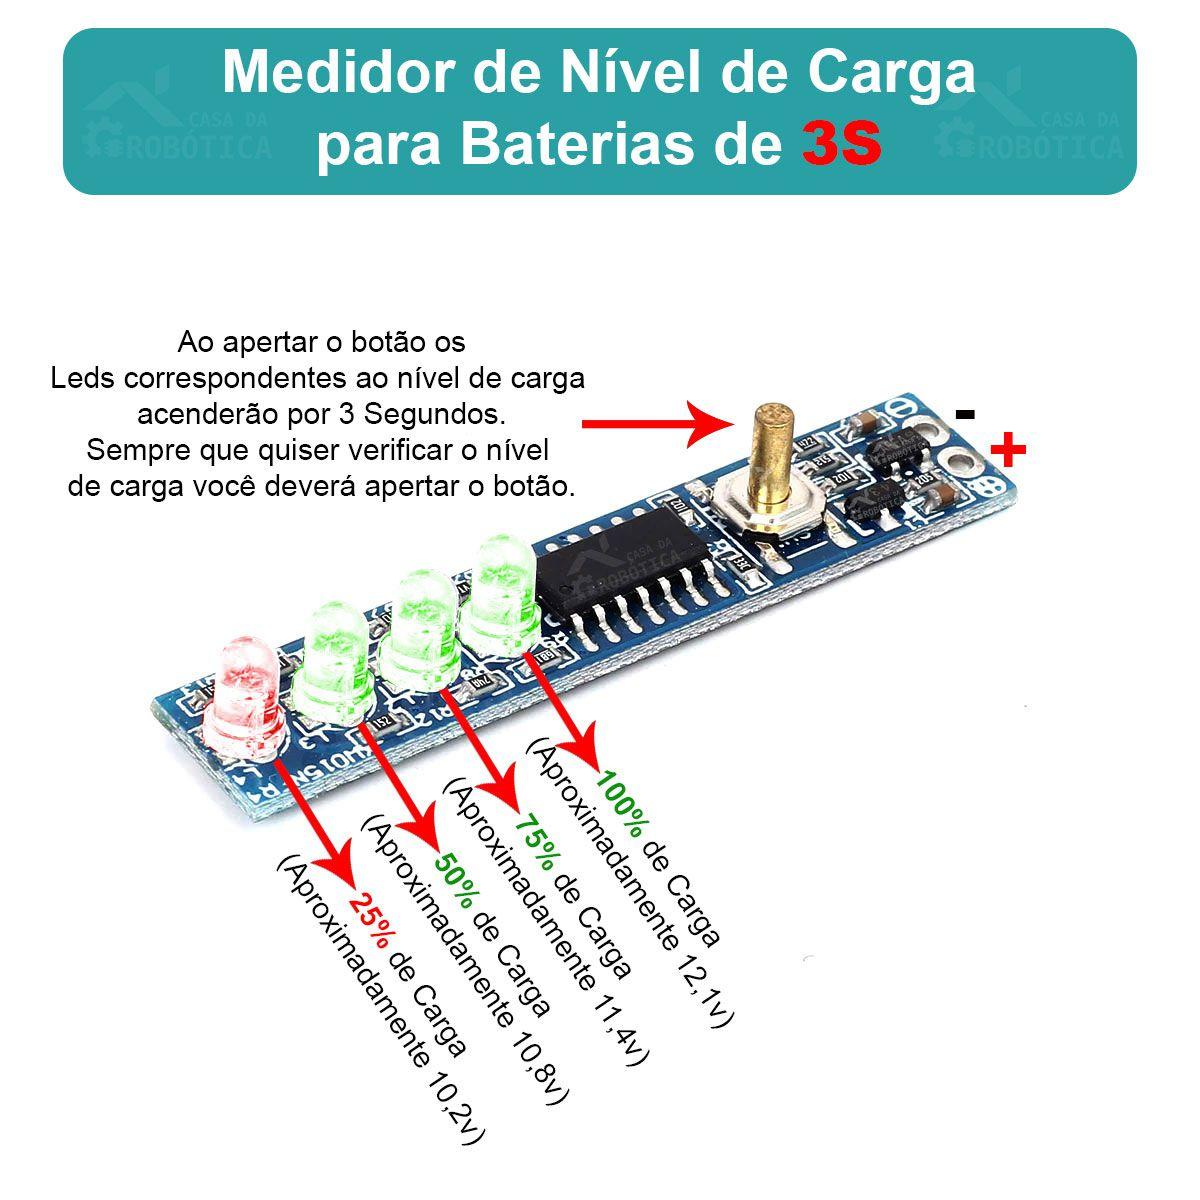 Voltíimetro Indicador de Nível de Carga para Baterias 3S 12,6V